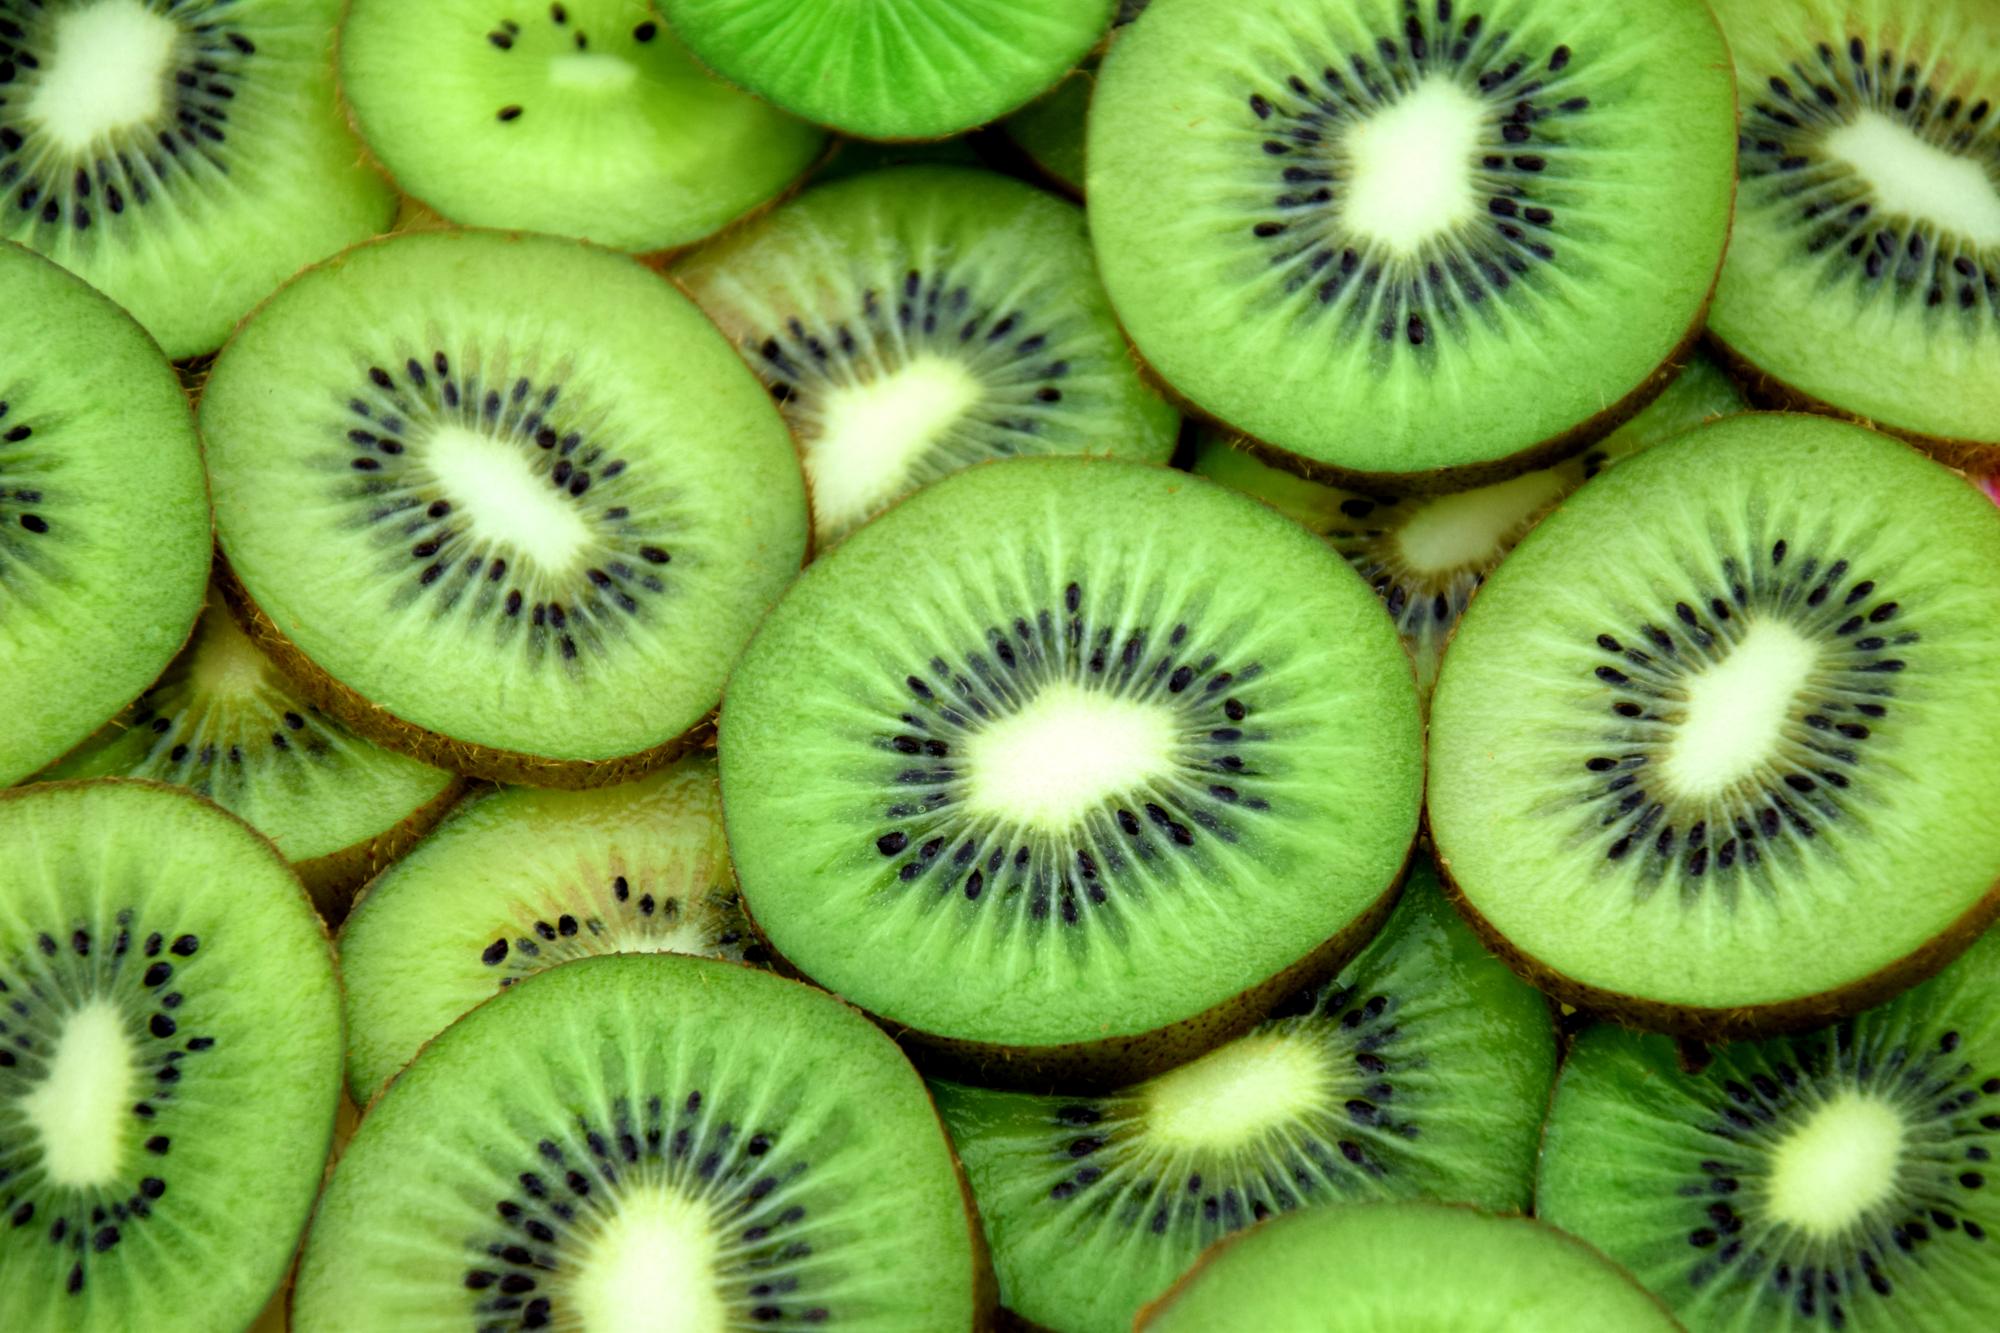 fresh slices of kiwi fruit